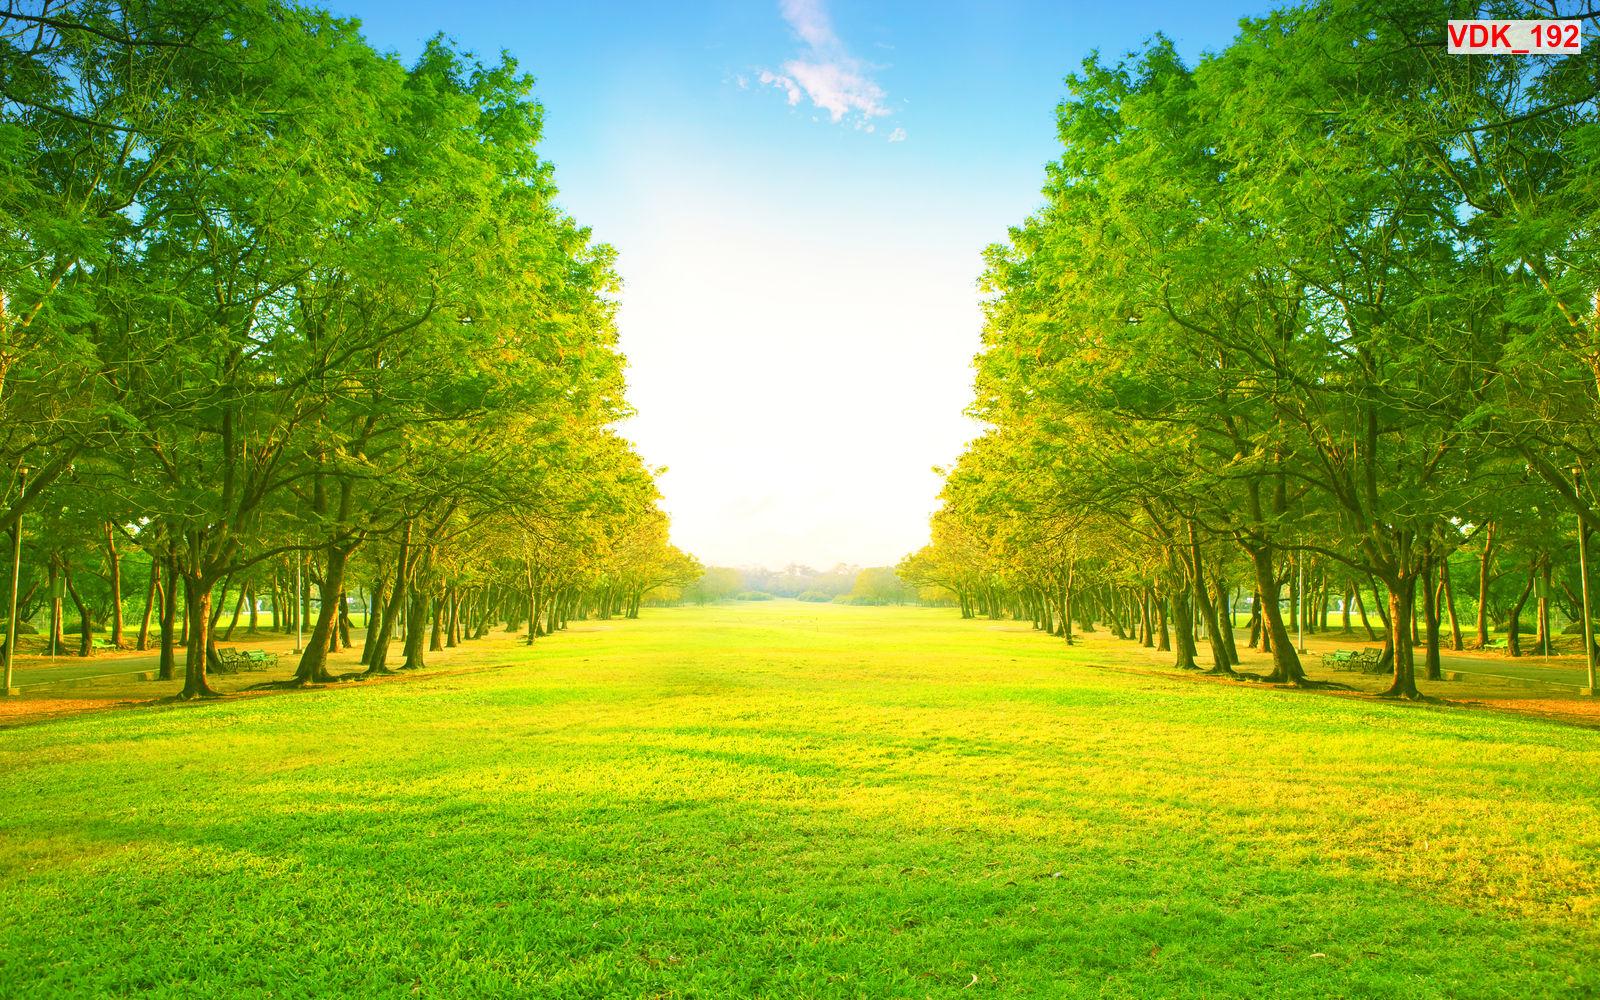 Tranh dán tường 3d rừng cây